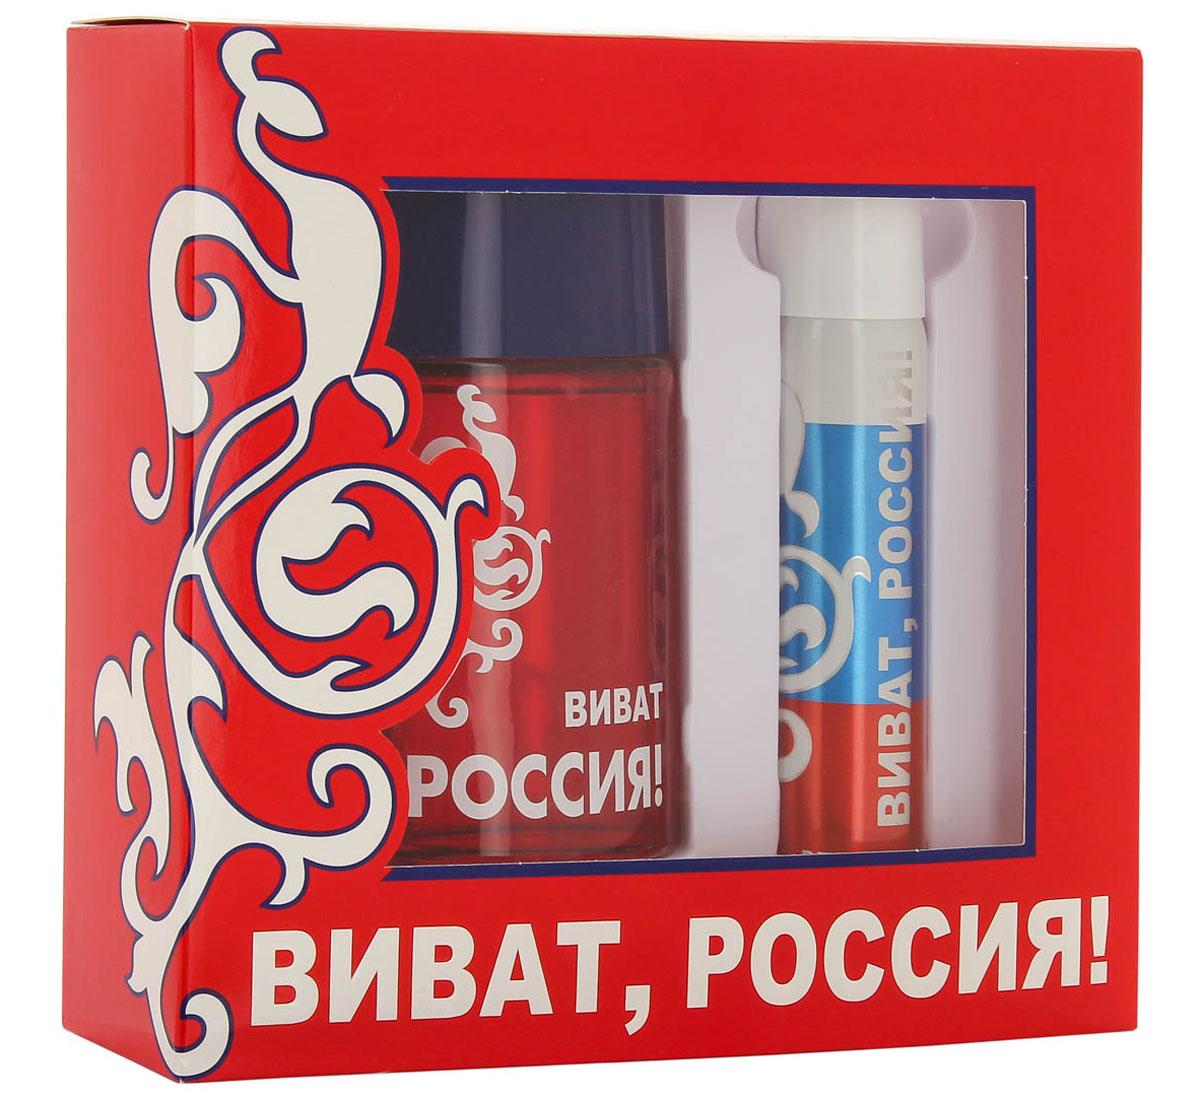 КПК-Парфюм Подарочный набор для мужчин Виват Россия красный: Туалетная вода, 100 мл + Парфюмированный дезодорант, 75 мл1301210ВИВАТ РОССИЯ КРАСНЫЙ - это аромат для мужчин. Верхние ноты: грейпфрут, мята и красный мандарин; ноты сердца: роза, корица и специи; ноты базы: кожа, древесные ноты, амбра и пачули из Индии.